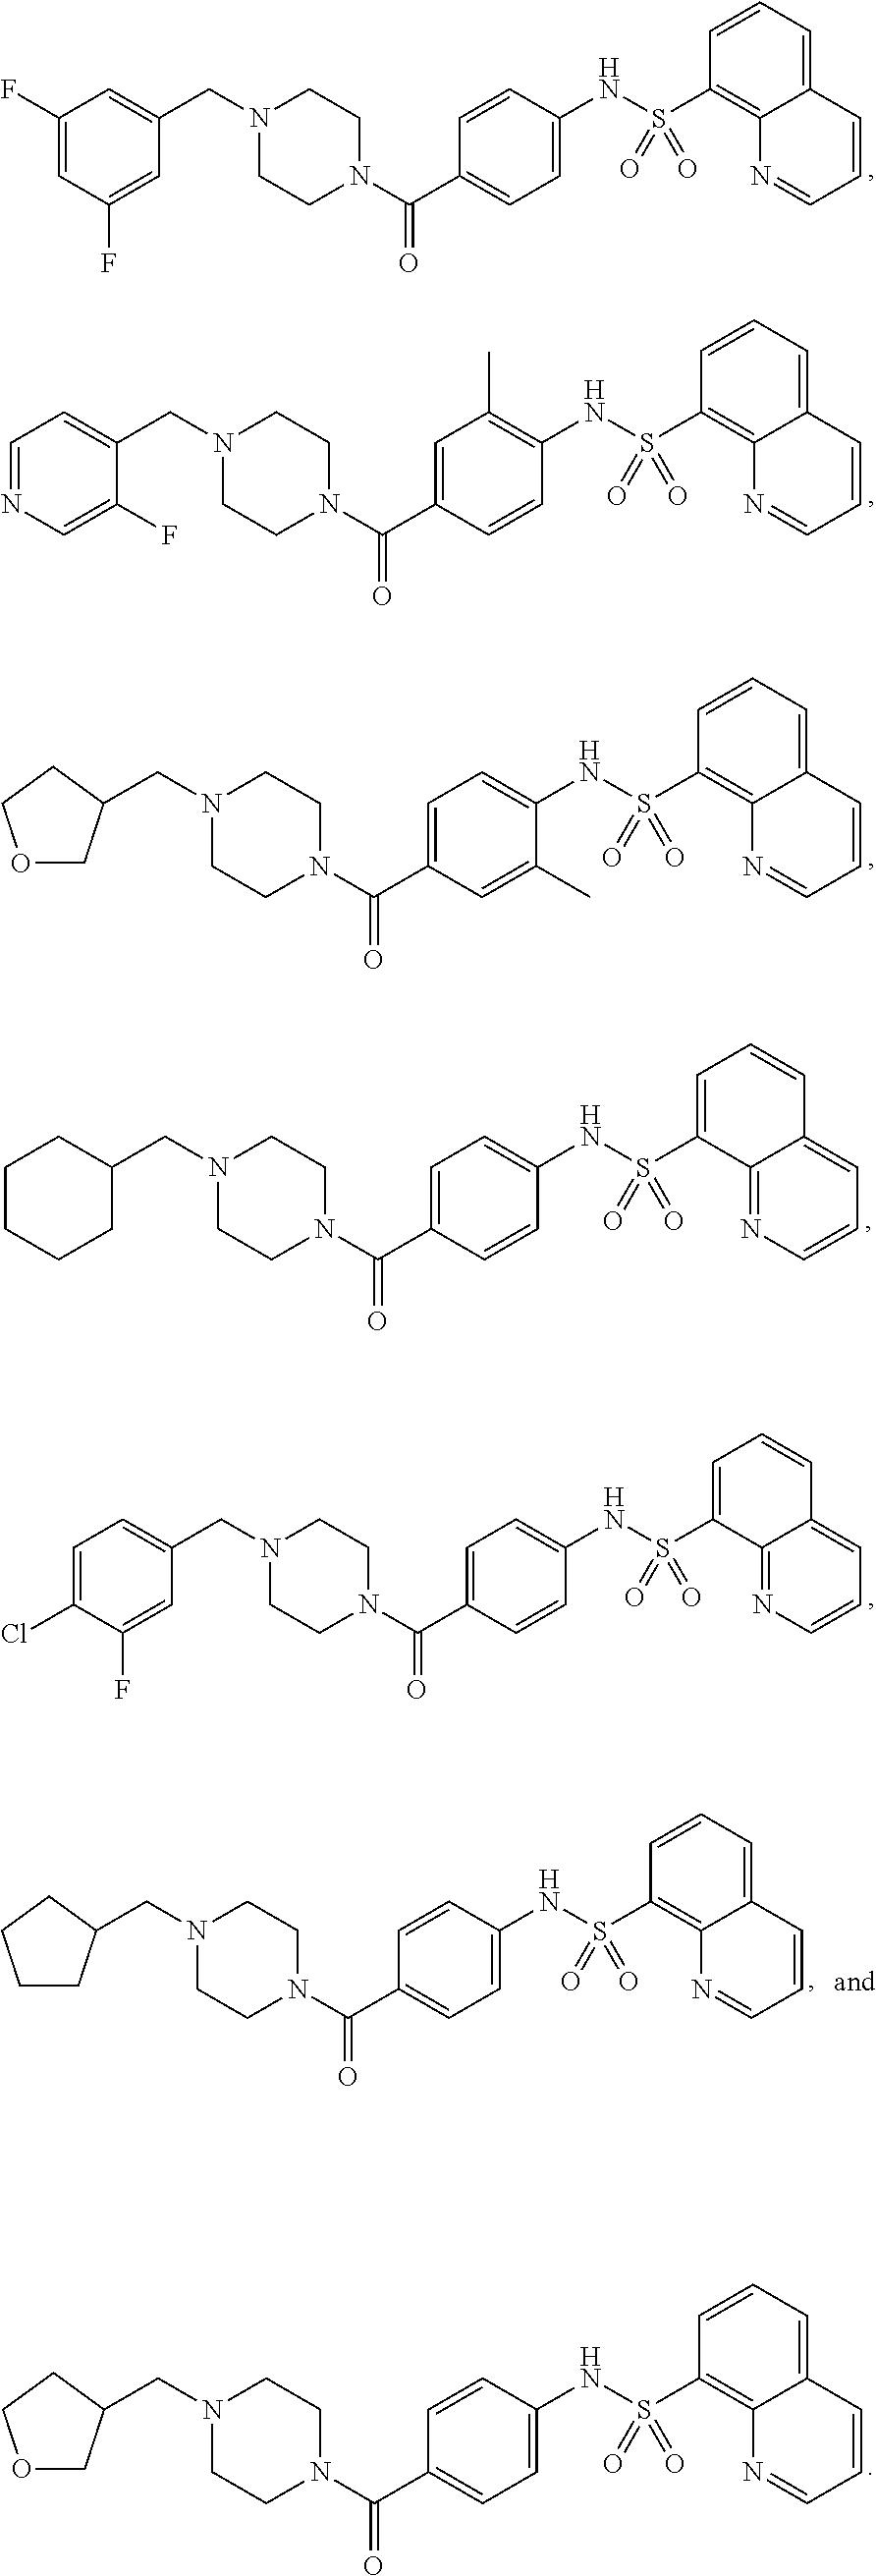 Figure US09980961-20180529-C00023